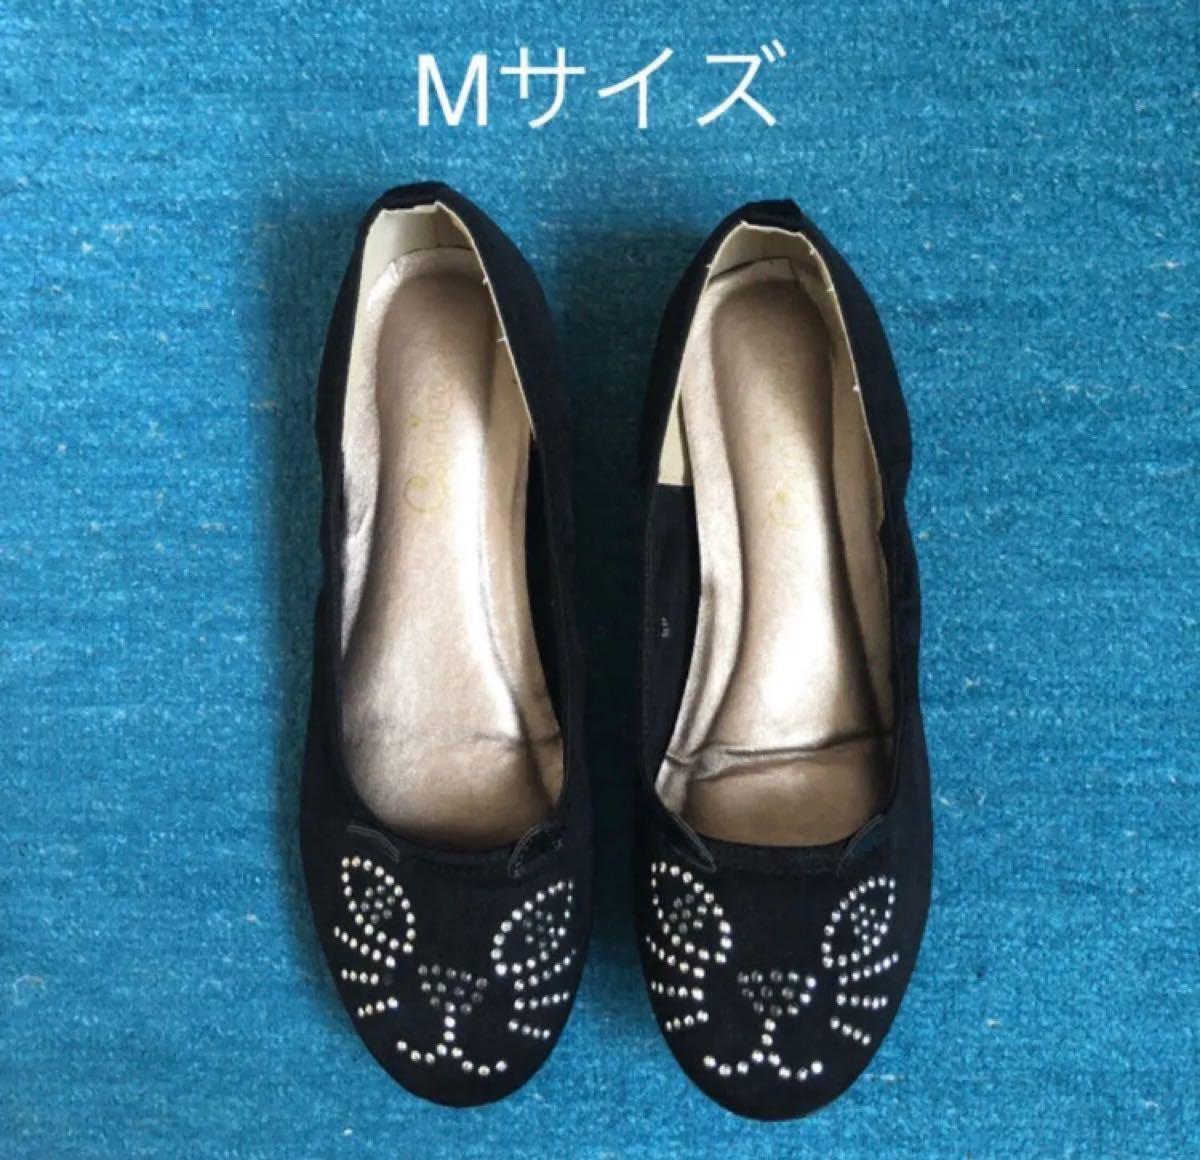 パンプス (フラットシューズ)Mサイズ★黒★猫